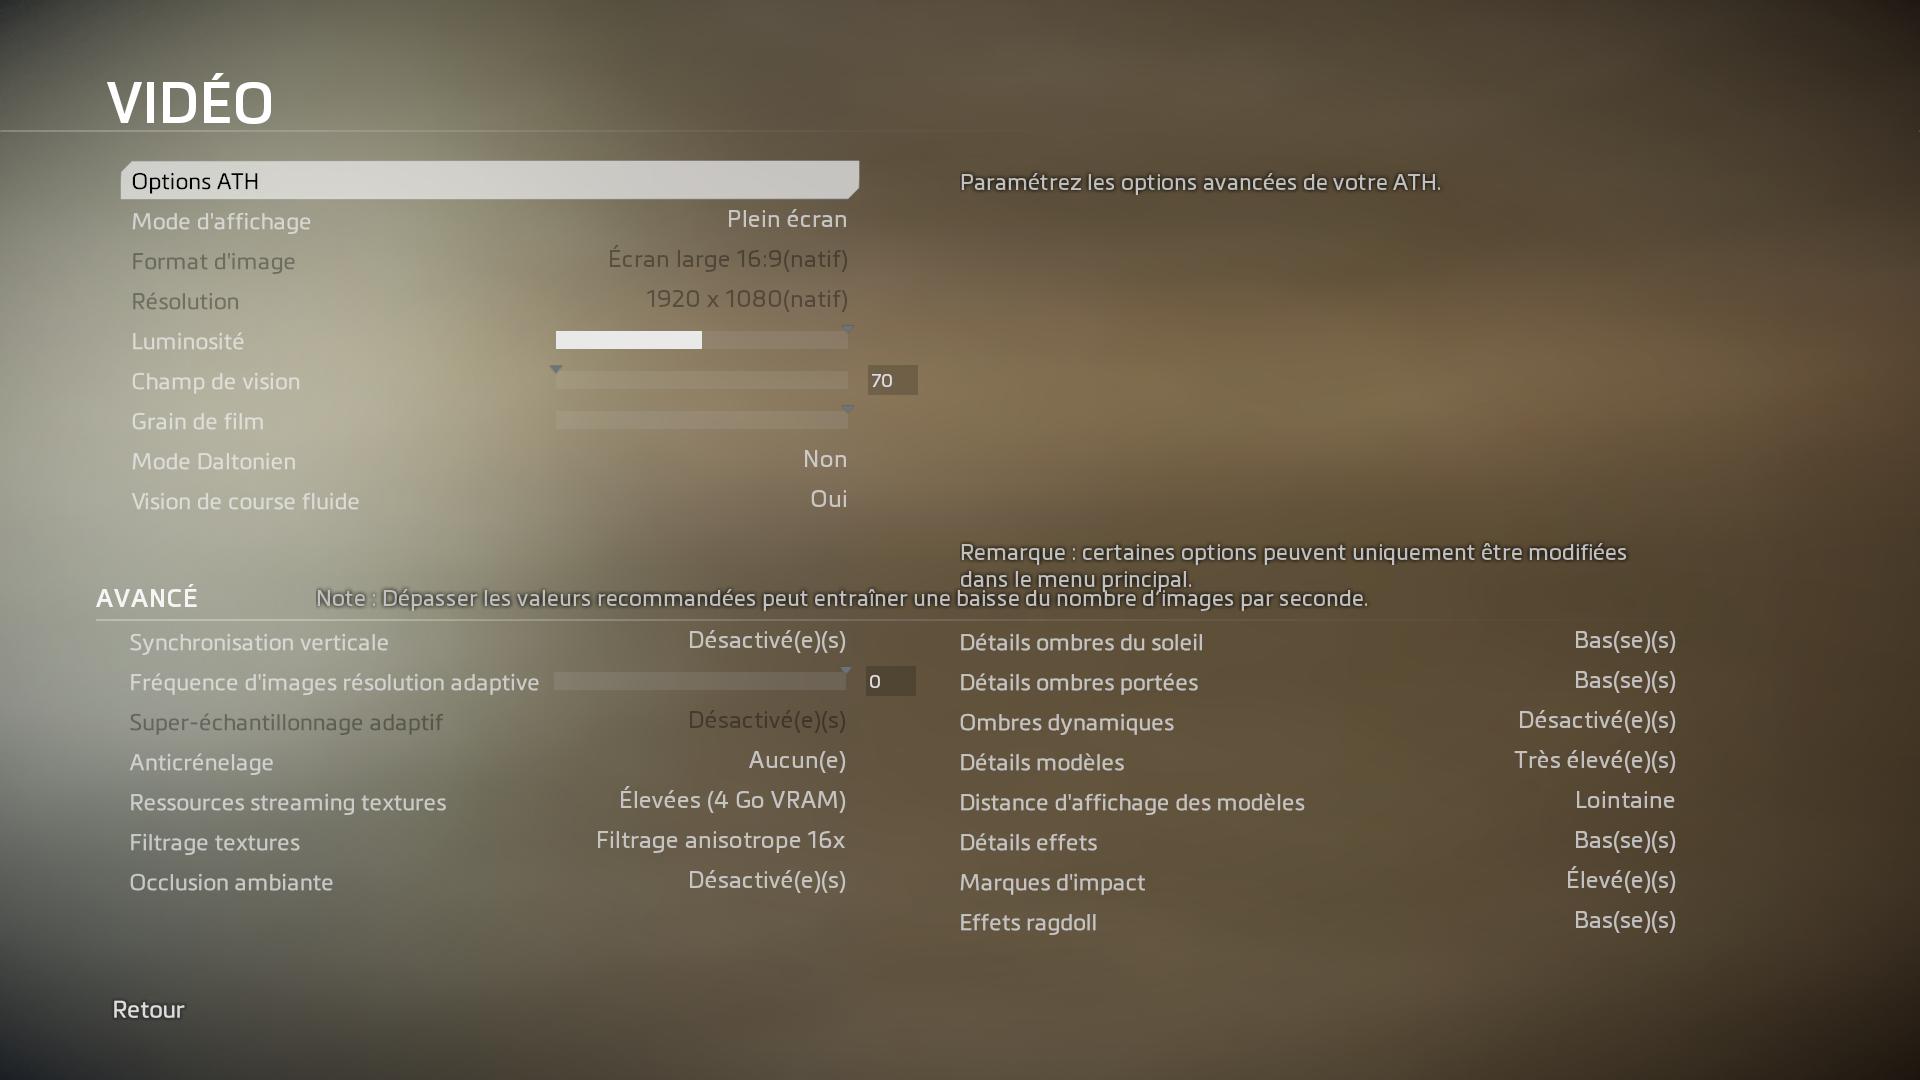 Titanfall 2 paramètres vidéo graphique